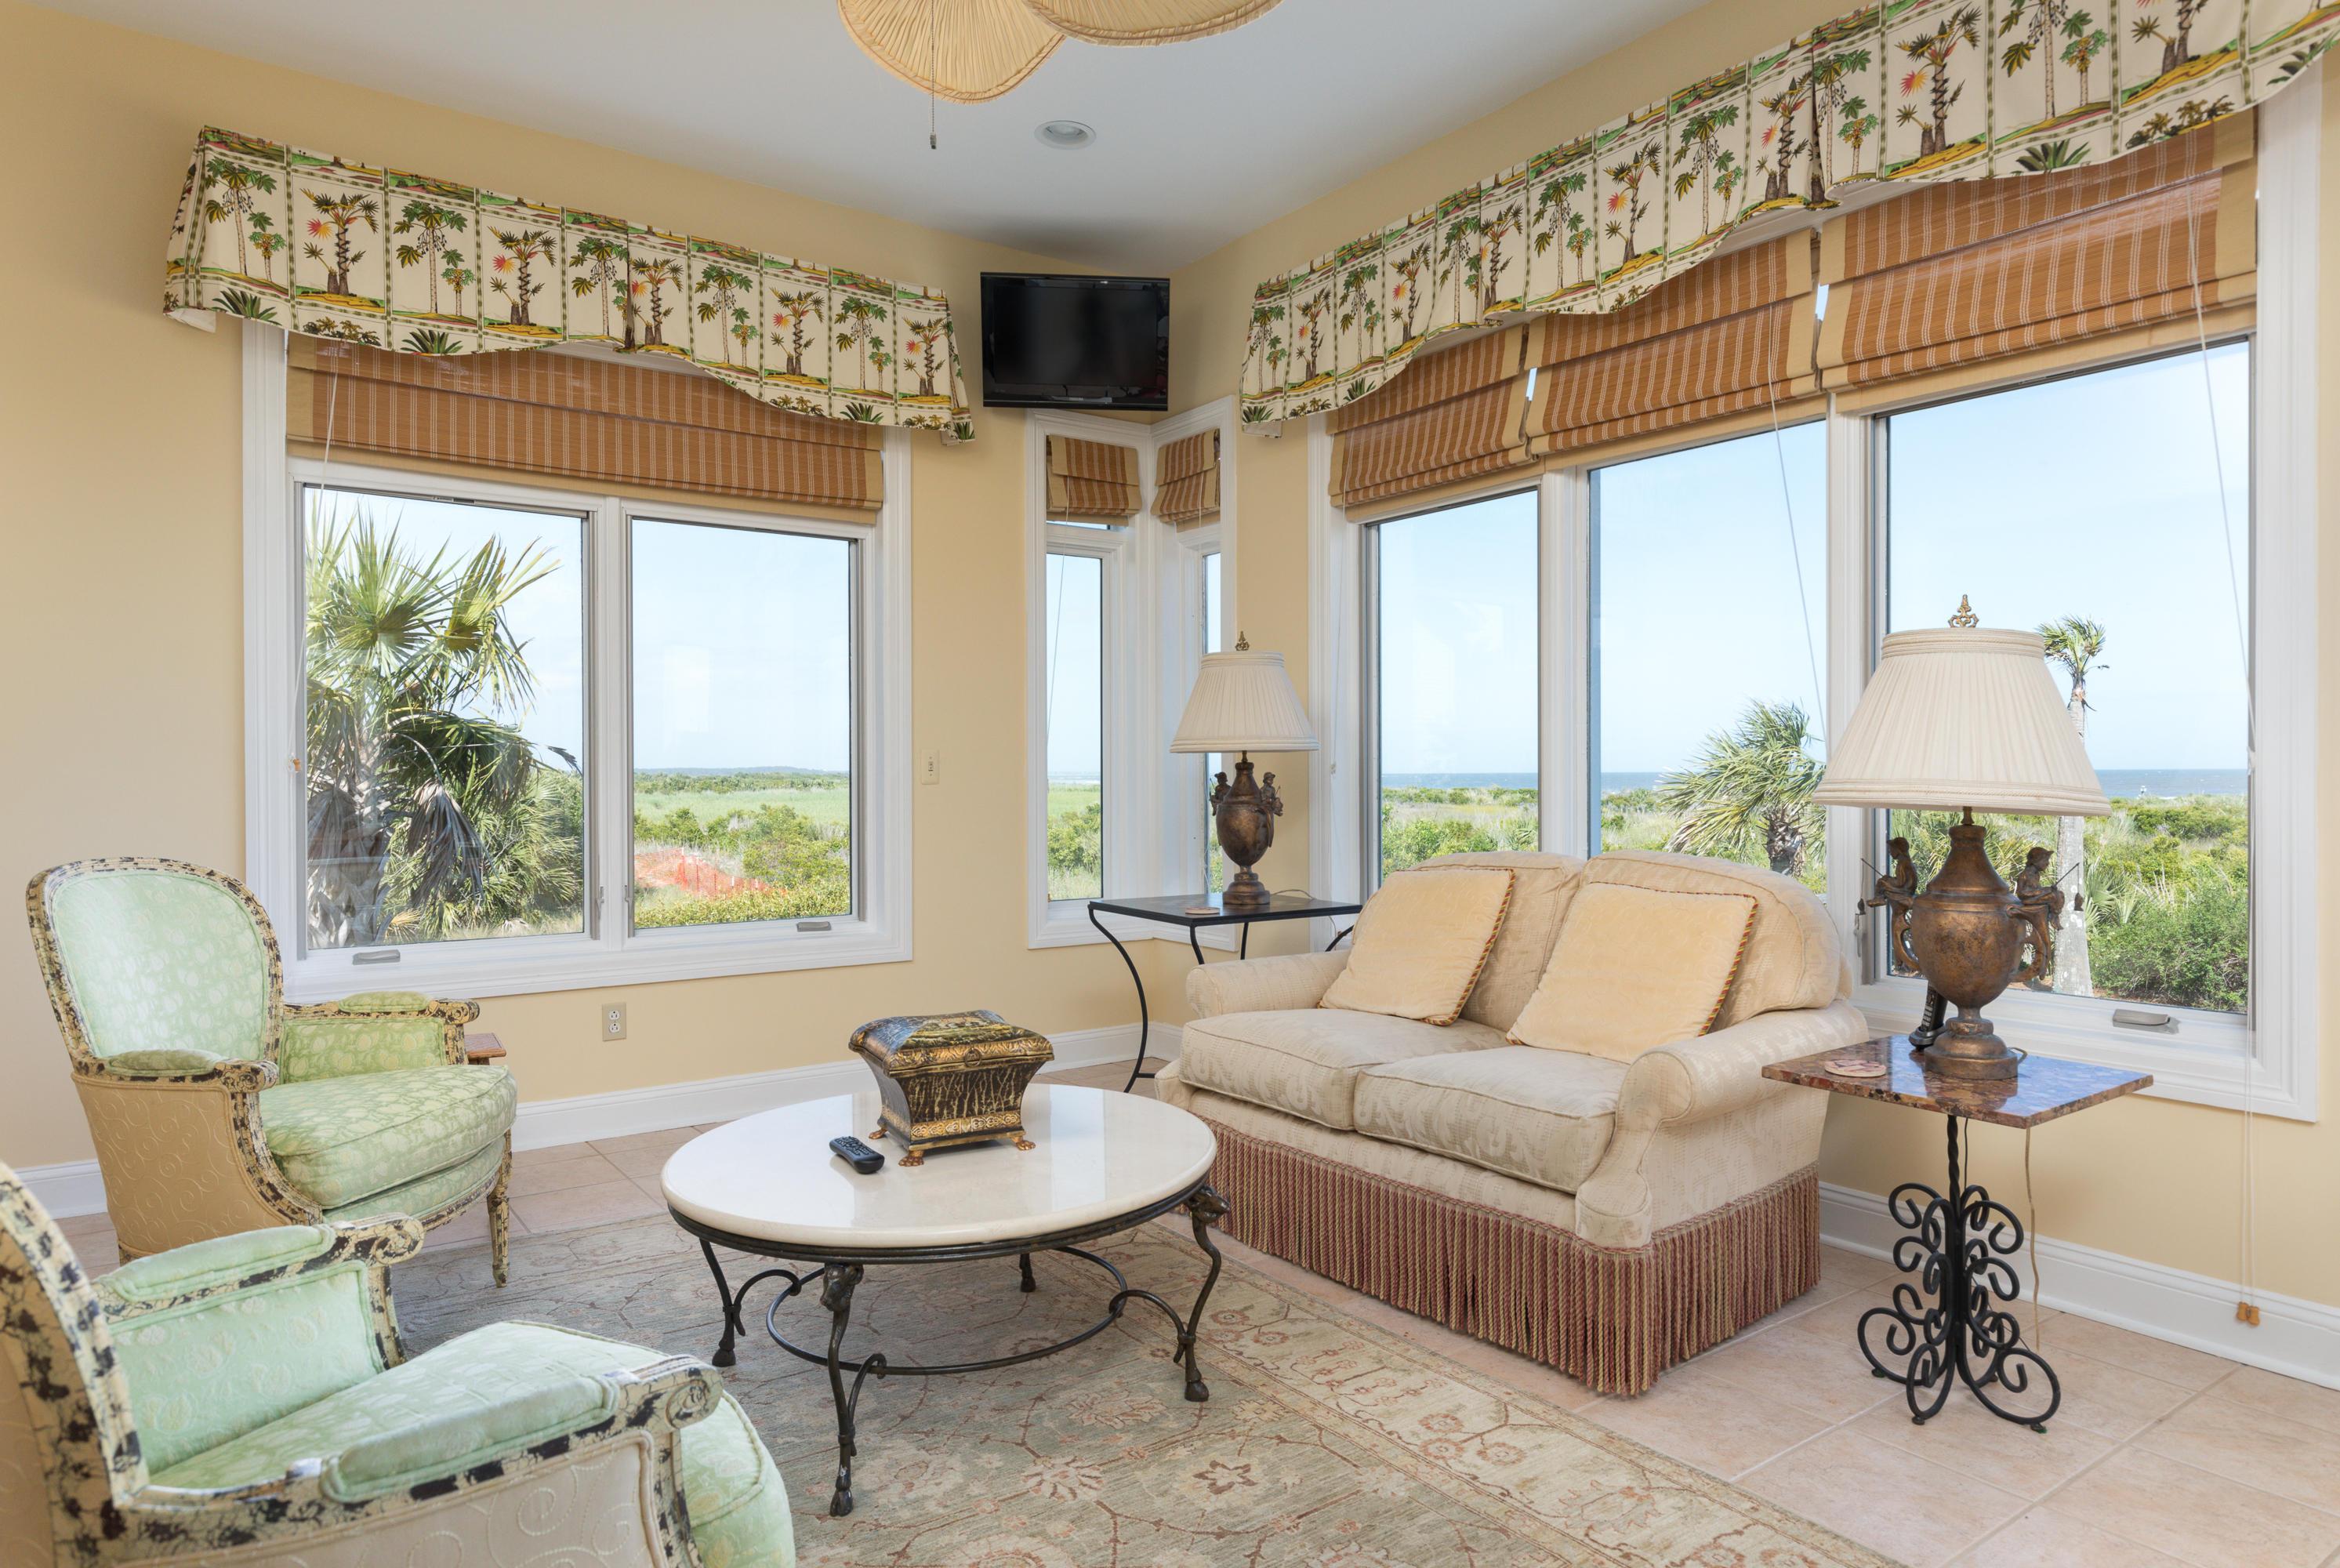 Seabrook Island Homes For Sale - 3640 Pompano, Seabrook Island, SC - 54